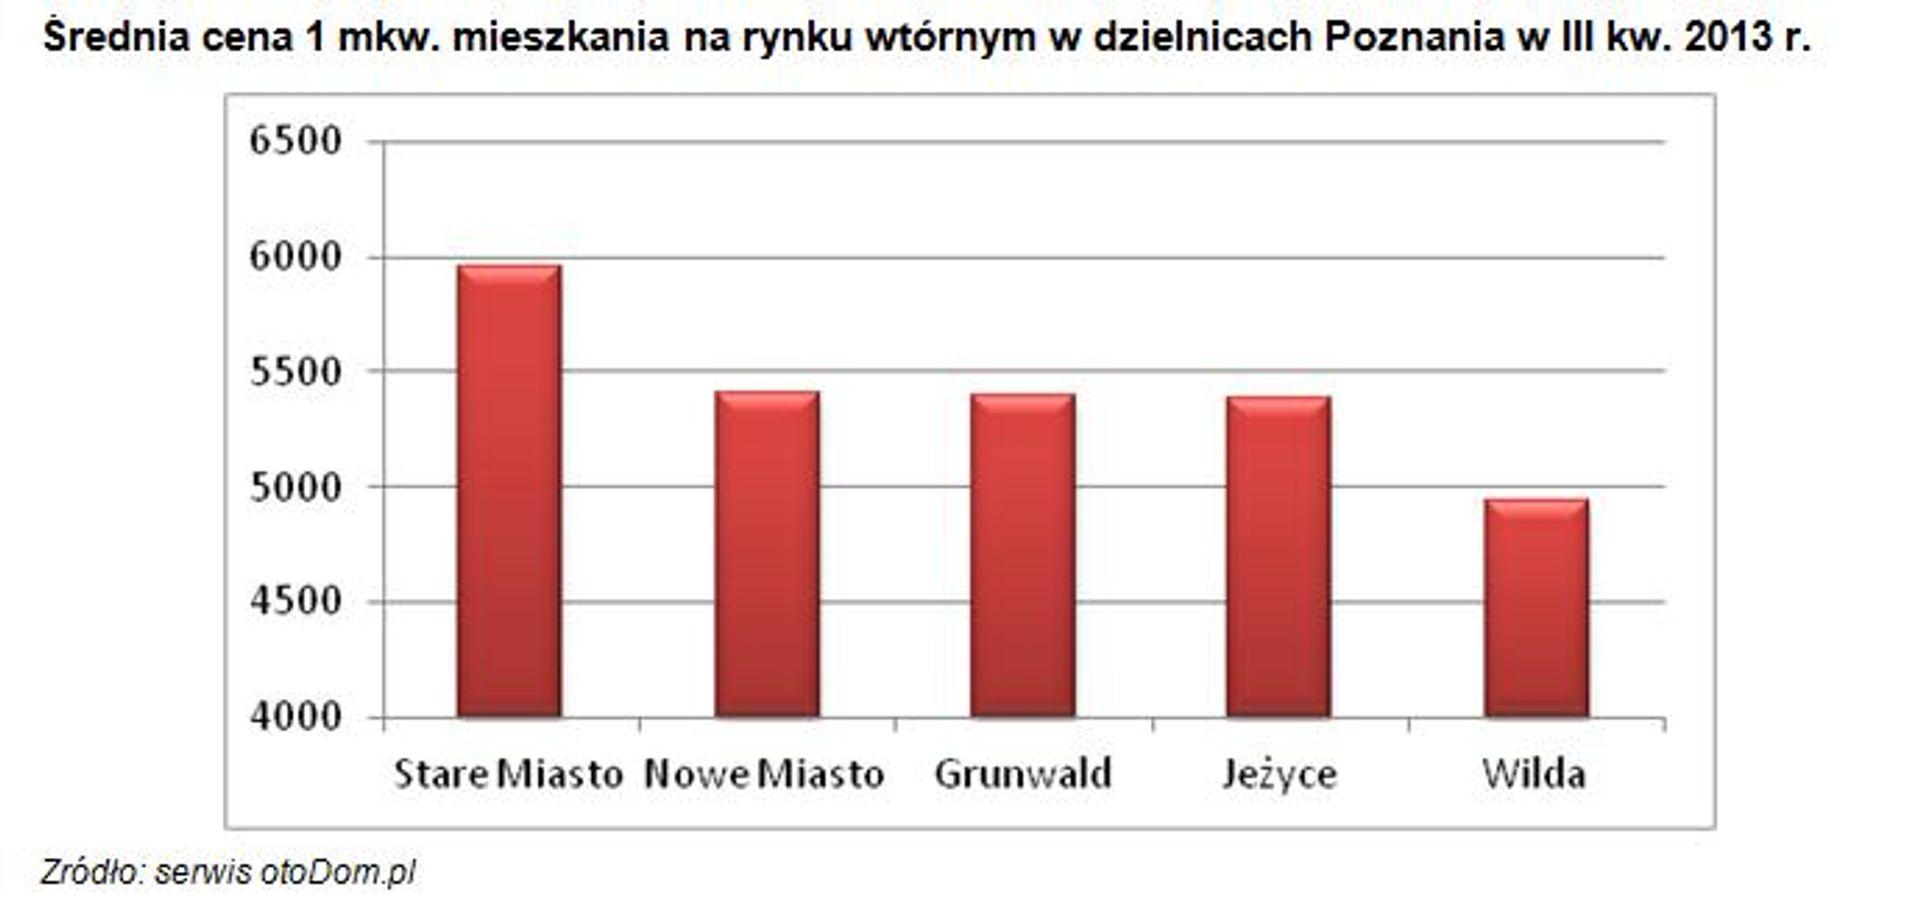 [Polska] Analiza wtórnego rynku nieruchomości mieszkaniowych w północno-zachodnim regionie Polski